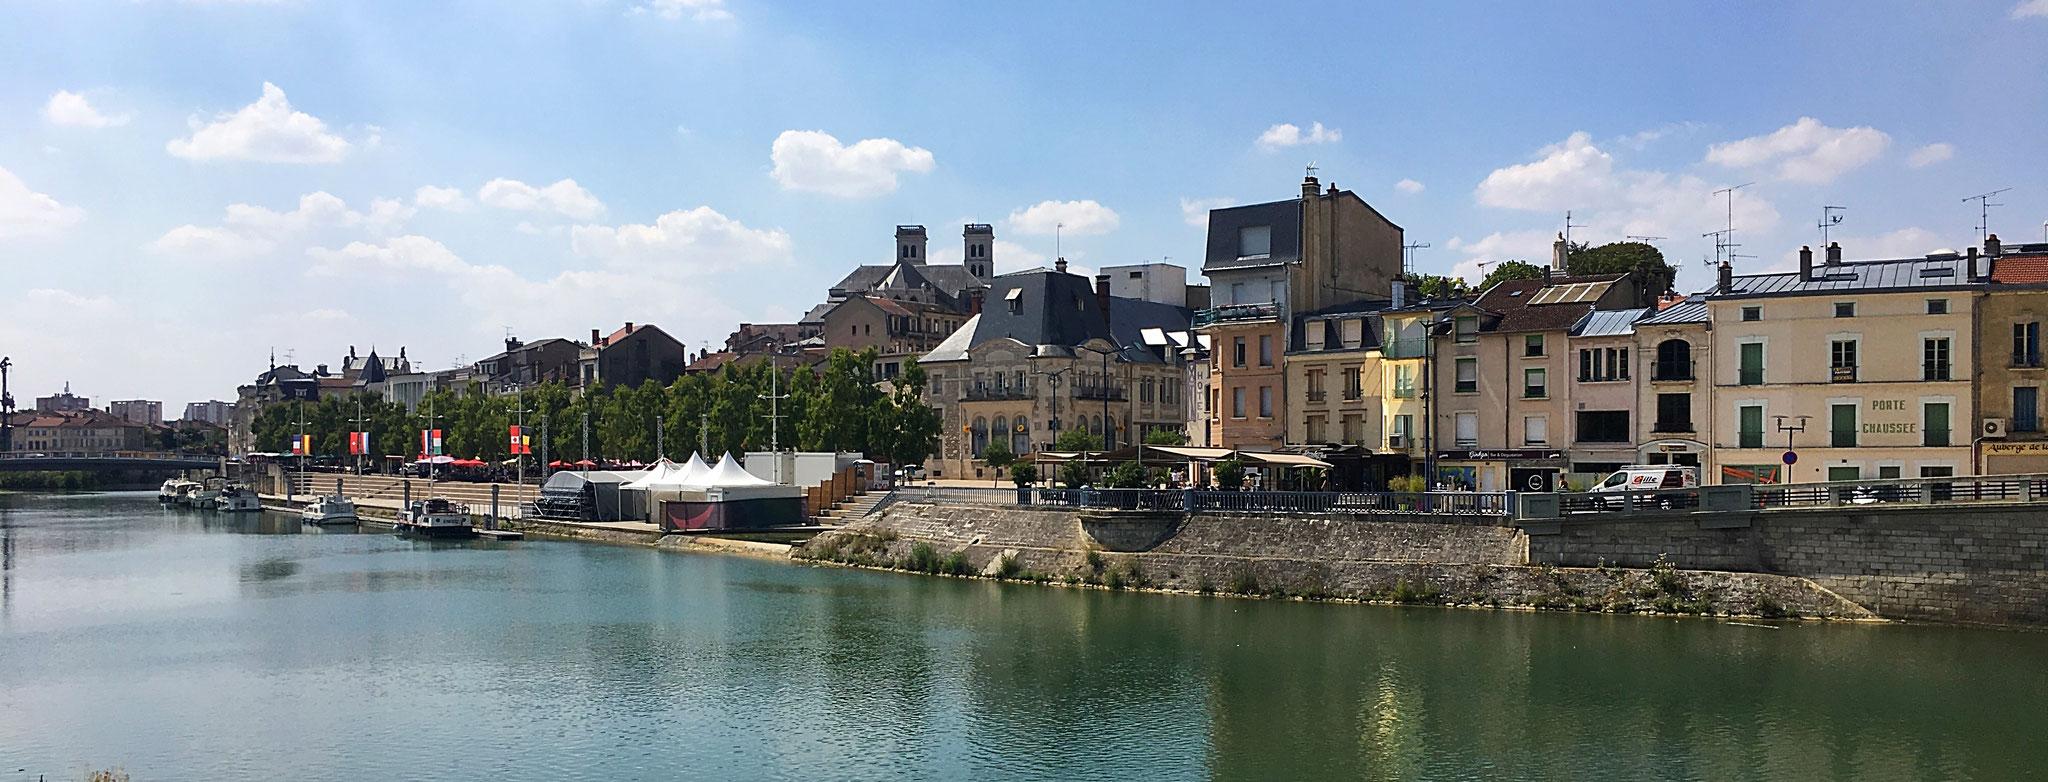 Die Stadt Verdun, an der Maas gelegen.